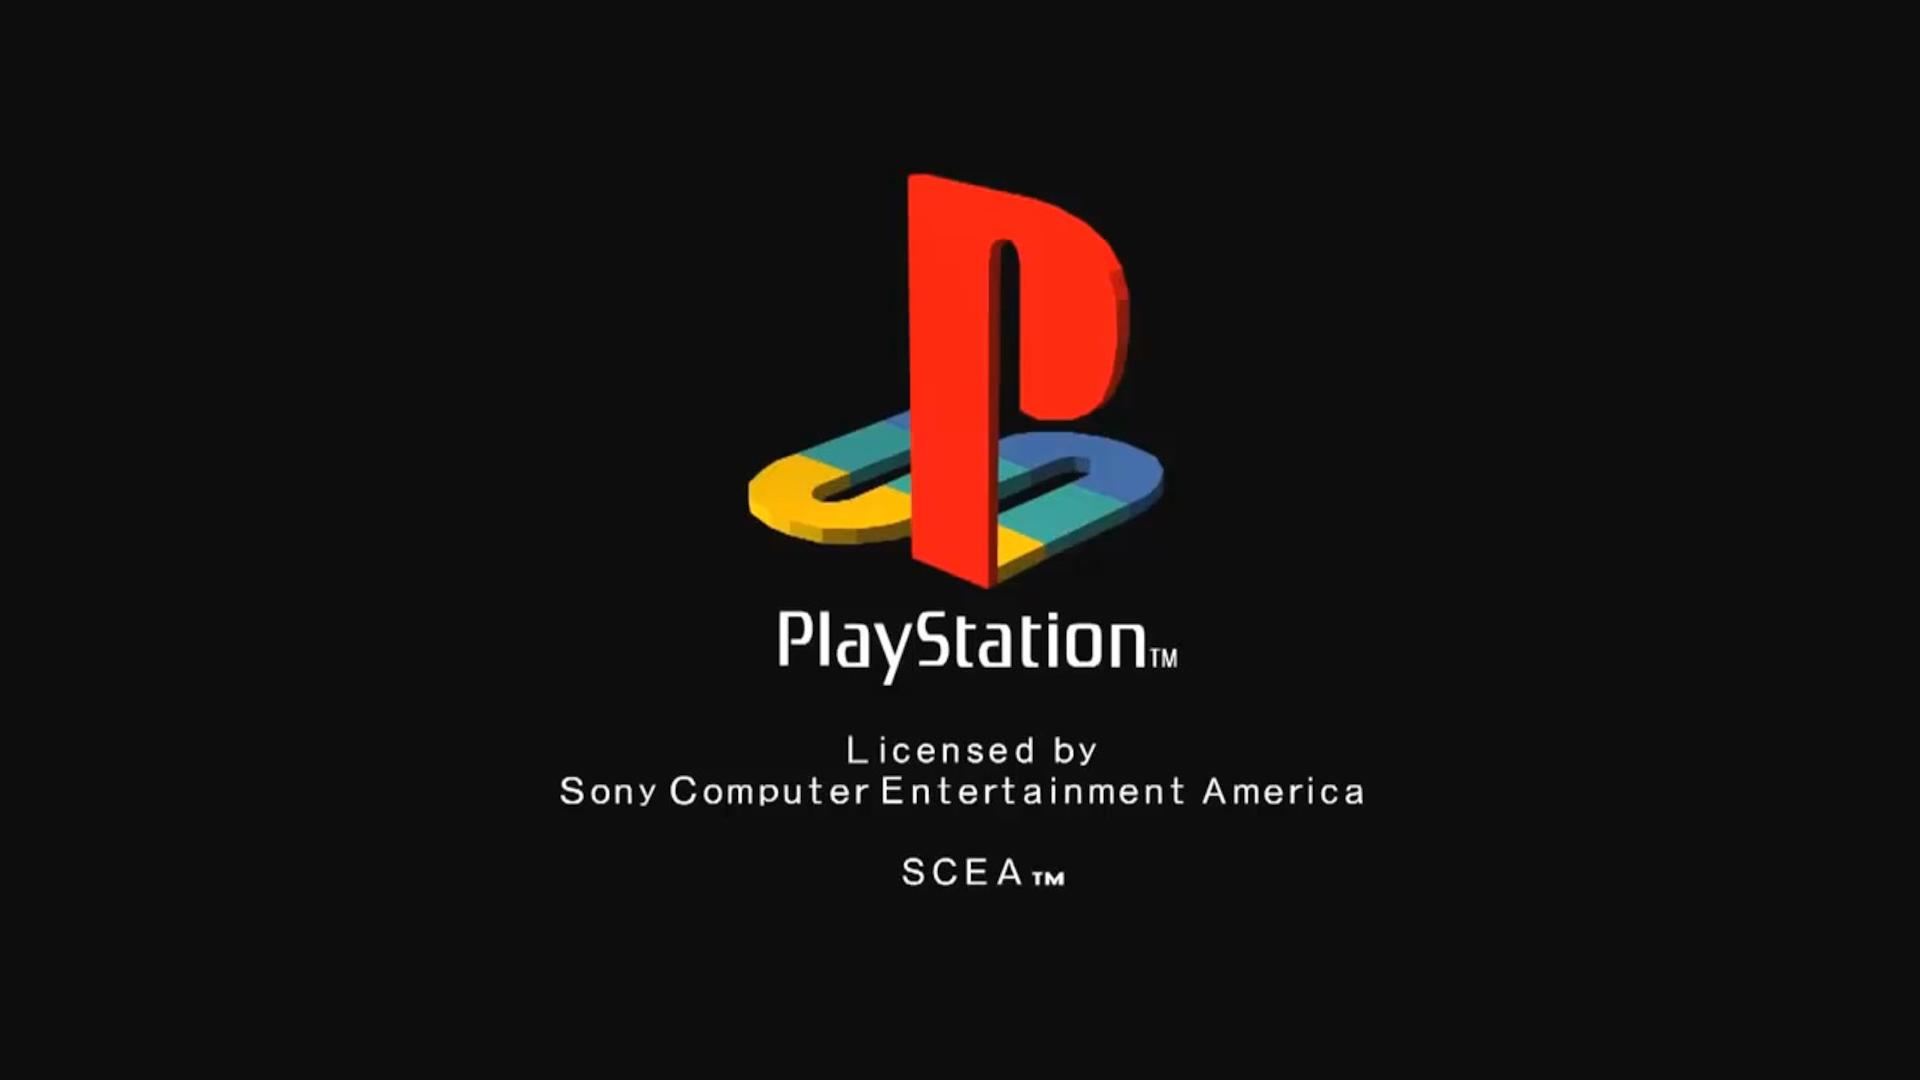 PlayStation, PS1